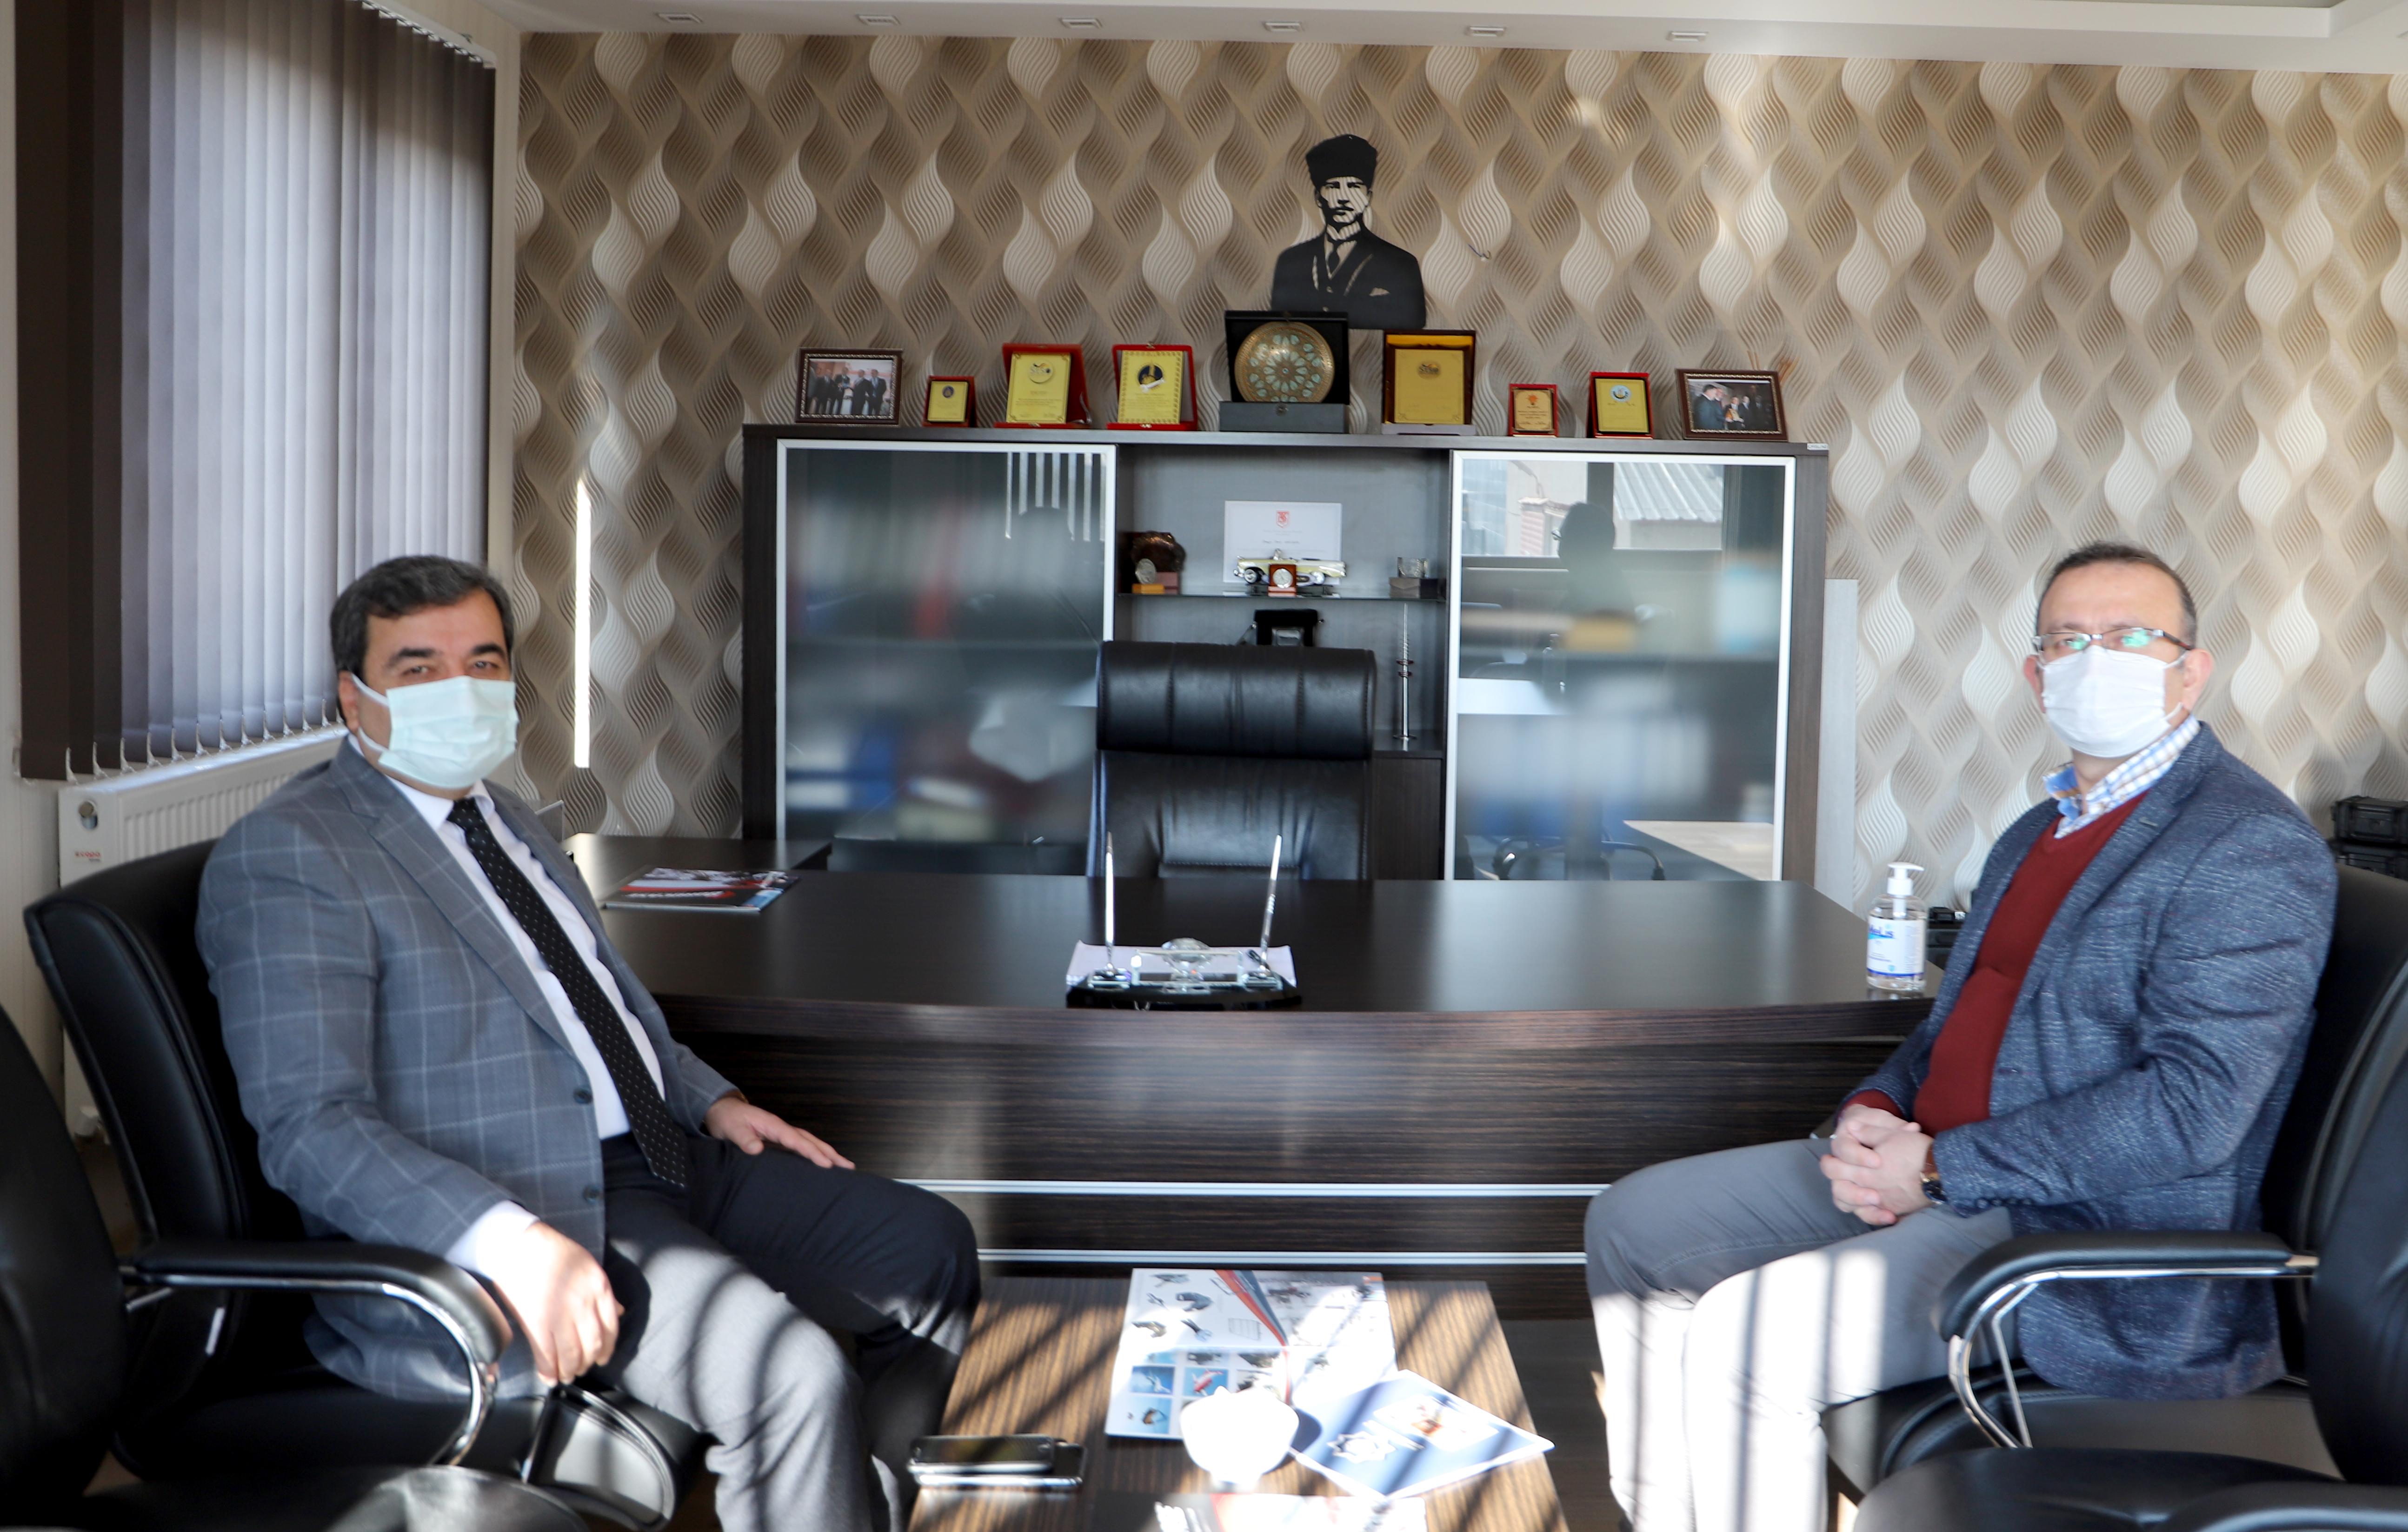 Rektörümüz Prof. Dr. Mehmet Kul, Gökçeler Makine Genel Müdürü Ahmet Nazmi Gökçeler'i Ziyaret Etti